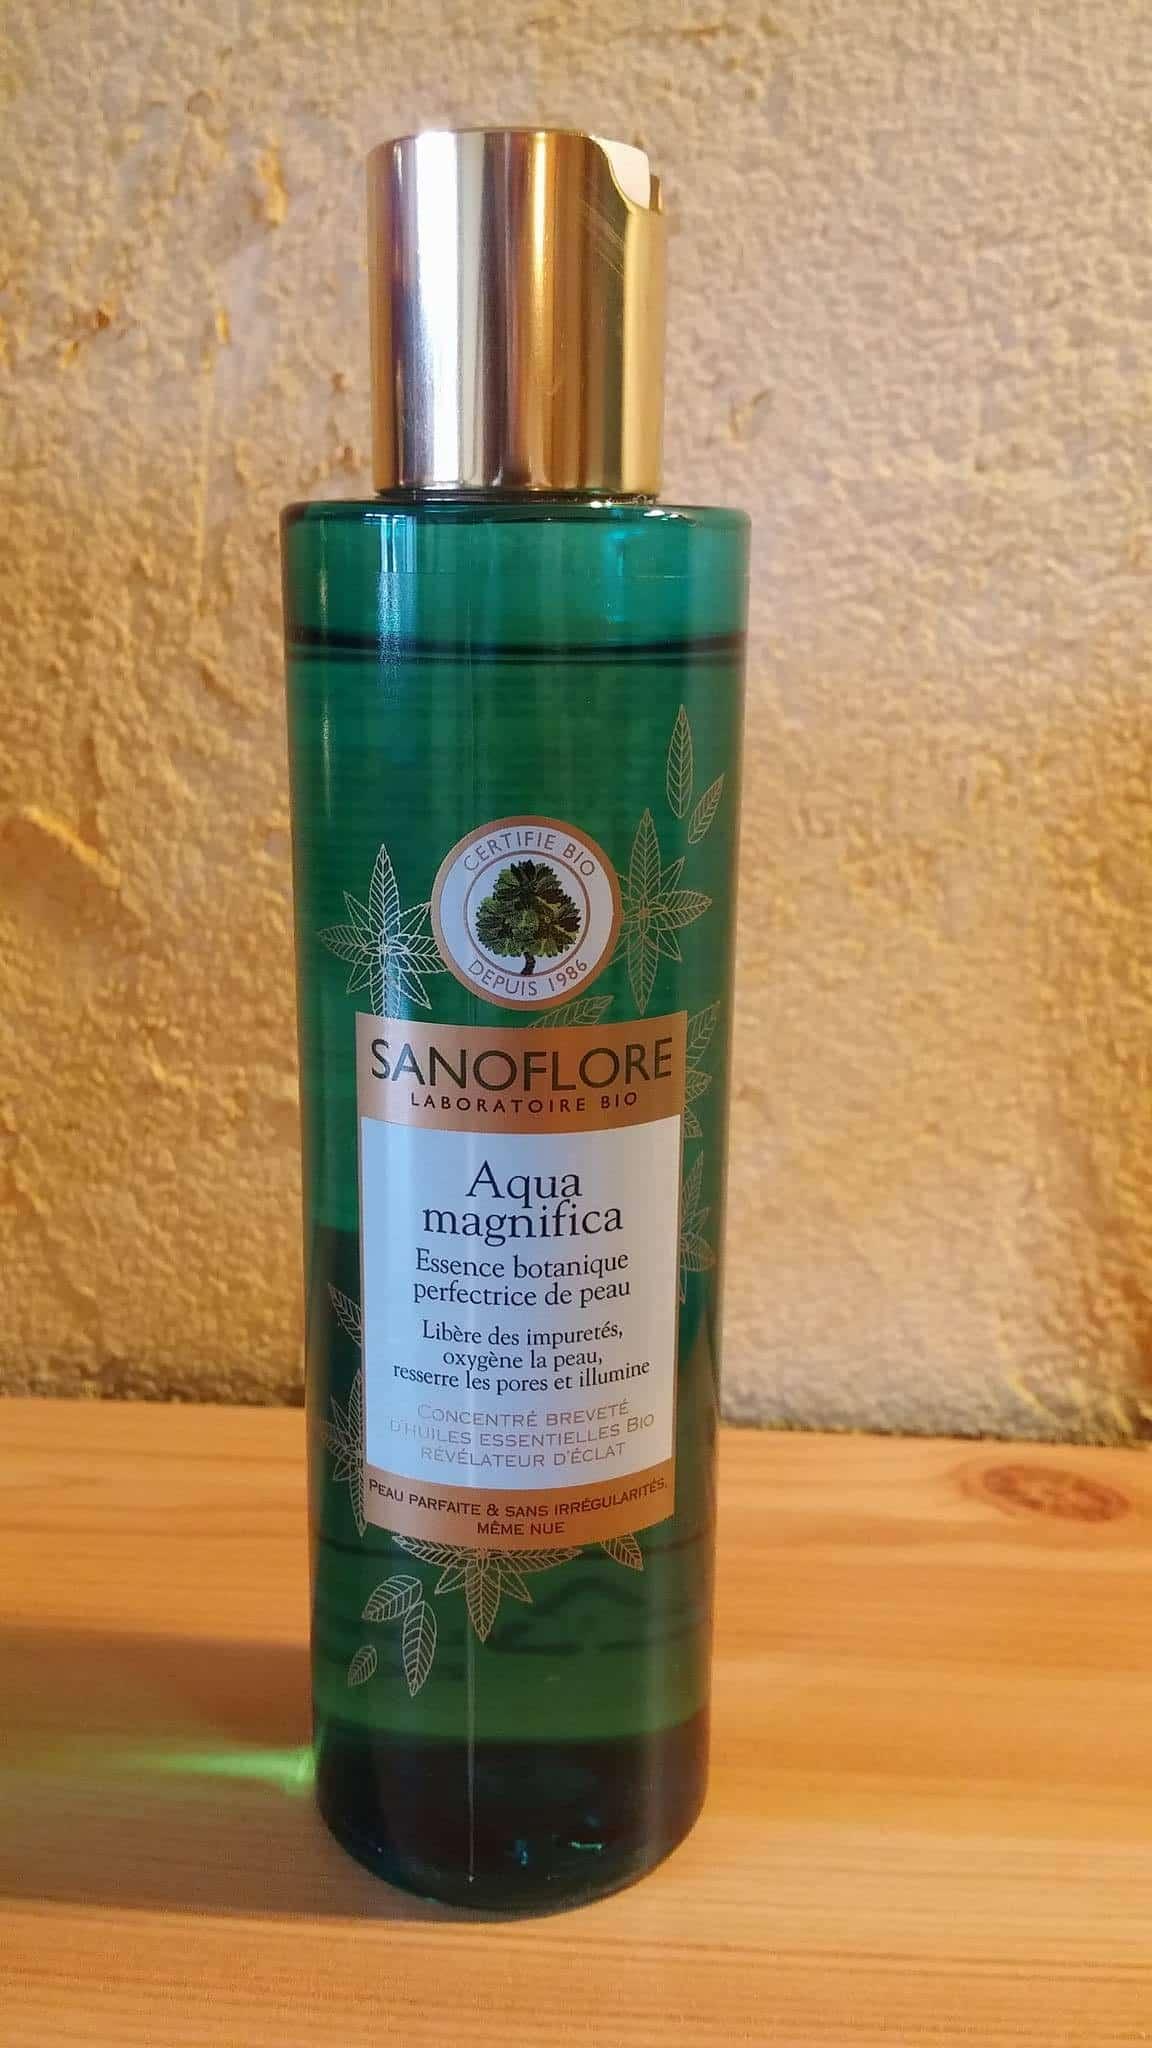 aqua magnifica sanoflore test produit